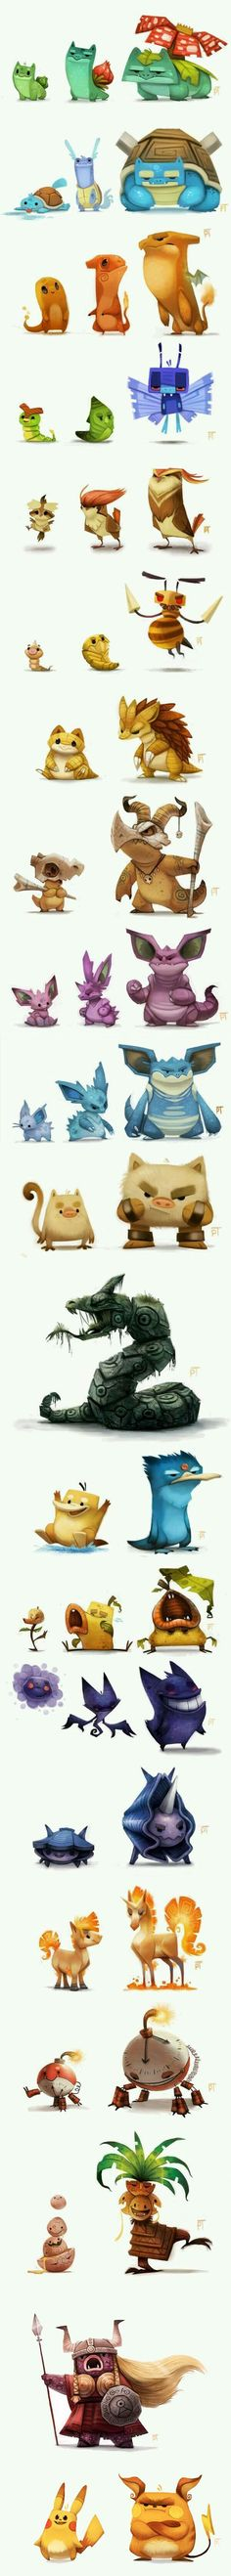 Insane Pokemon art (By Piper Thibodeau)